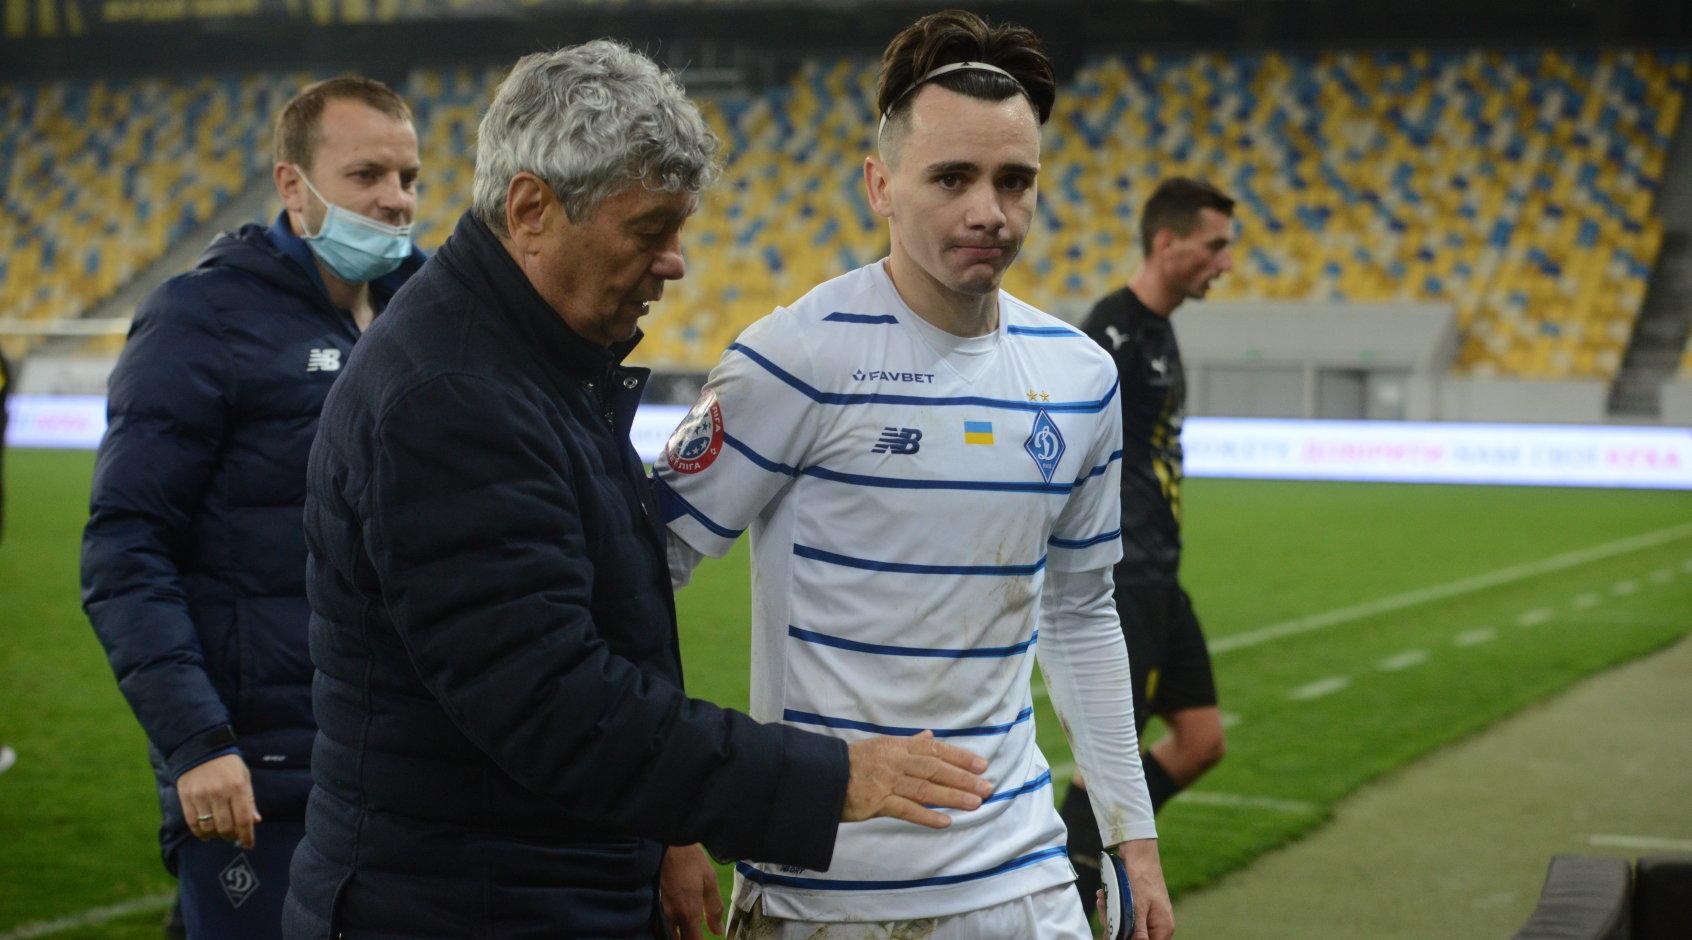 """Николай Шапаренко: """"Желание есть, стараемся демонстрировать наш лучший футбол"""""""